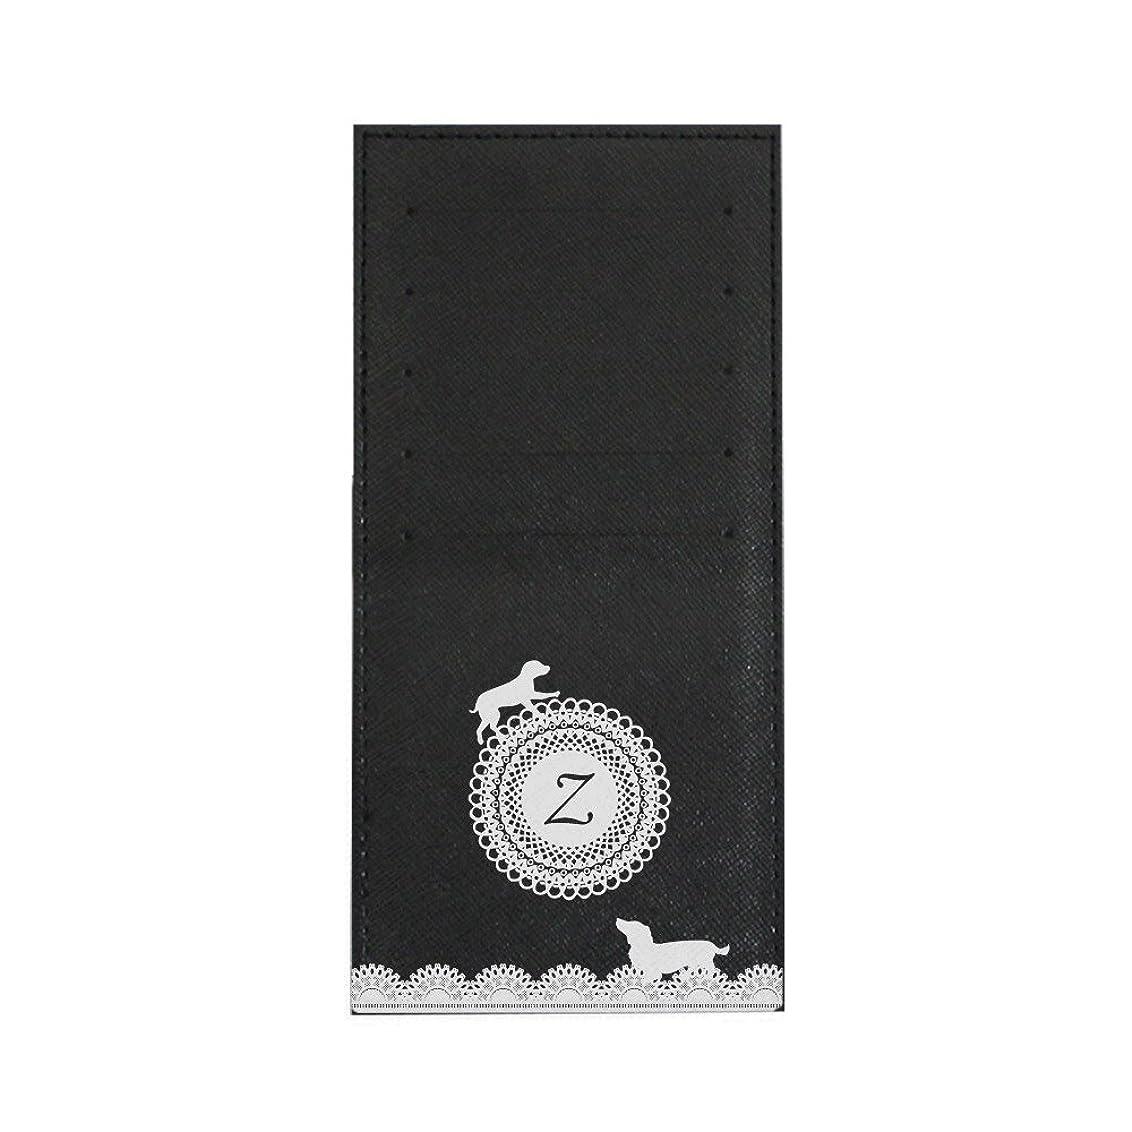 パフり耐えられるインナーカードケース 長財布用カードケース 10枚収納可能 カード入れ 収納 プレゼント ギフト 3030レースネーム ( Z ) ブラック mirai